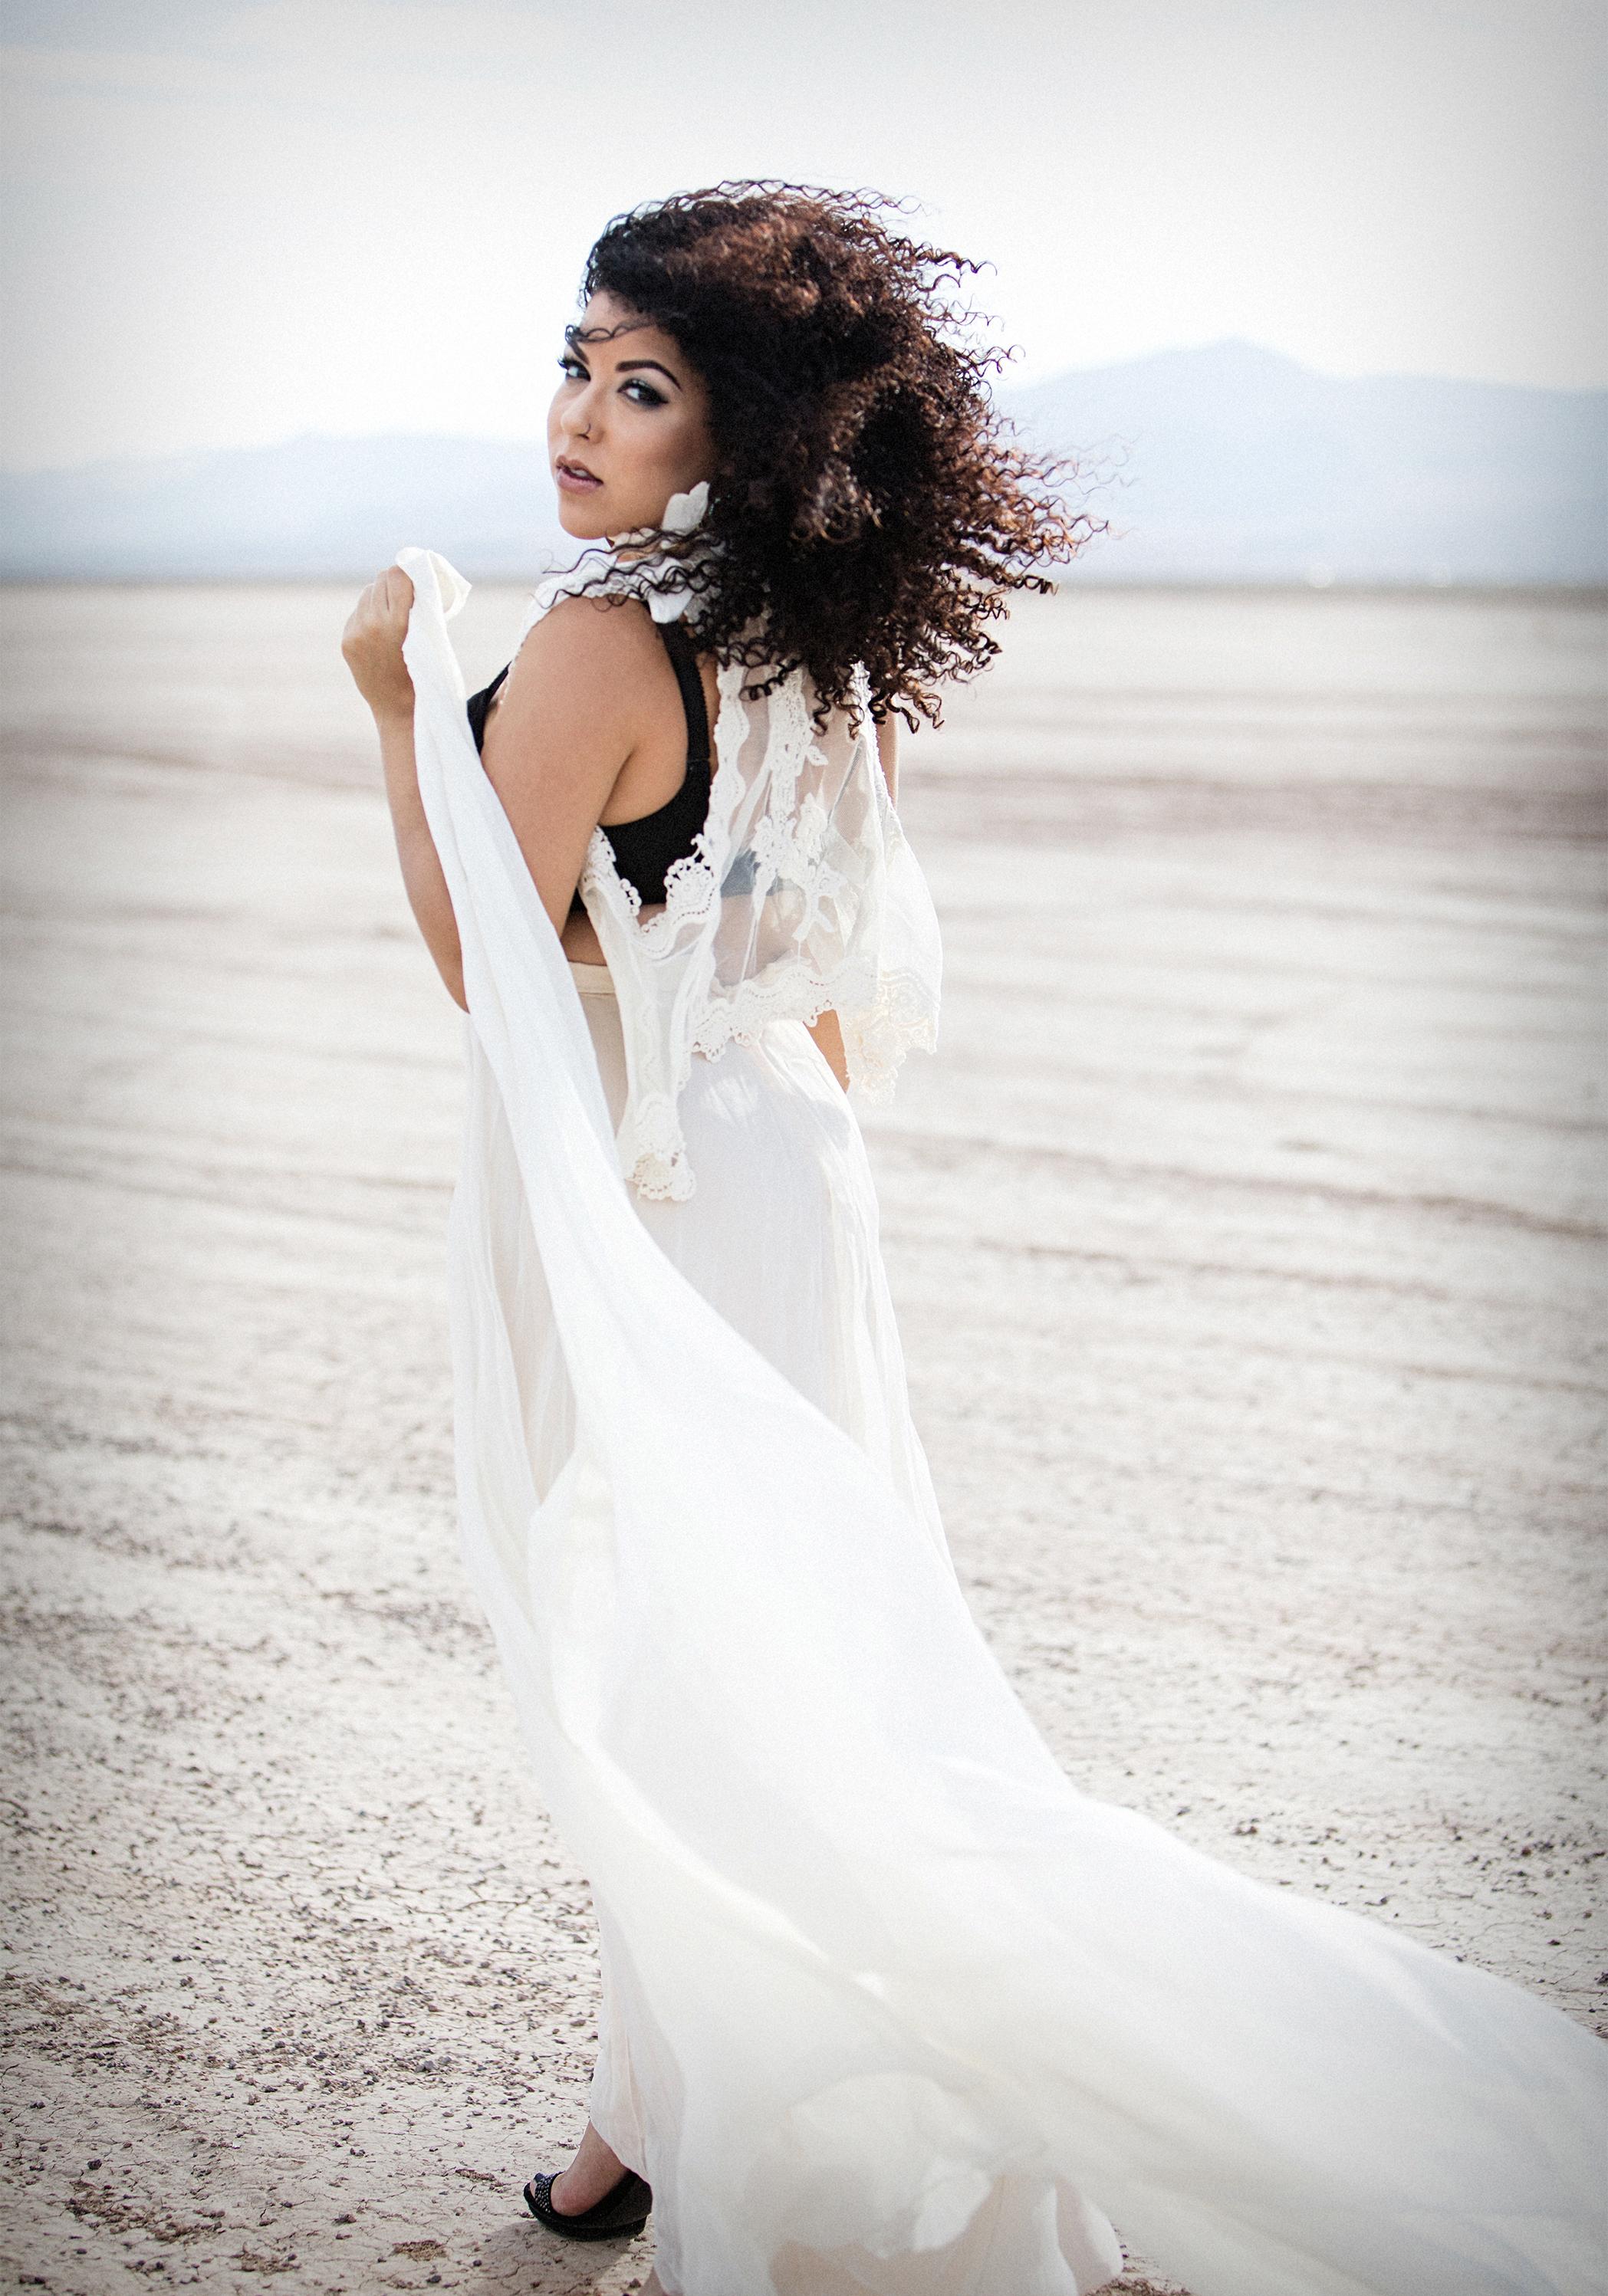 Photography: Mia Portrait Studio //http://miaportraitstudio.com